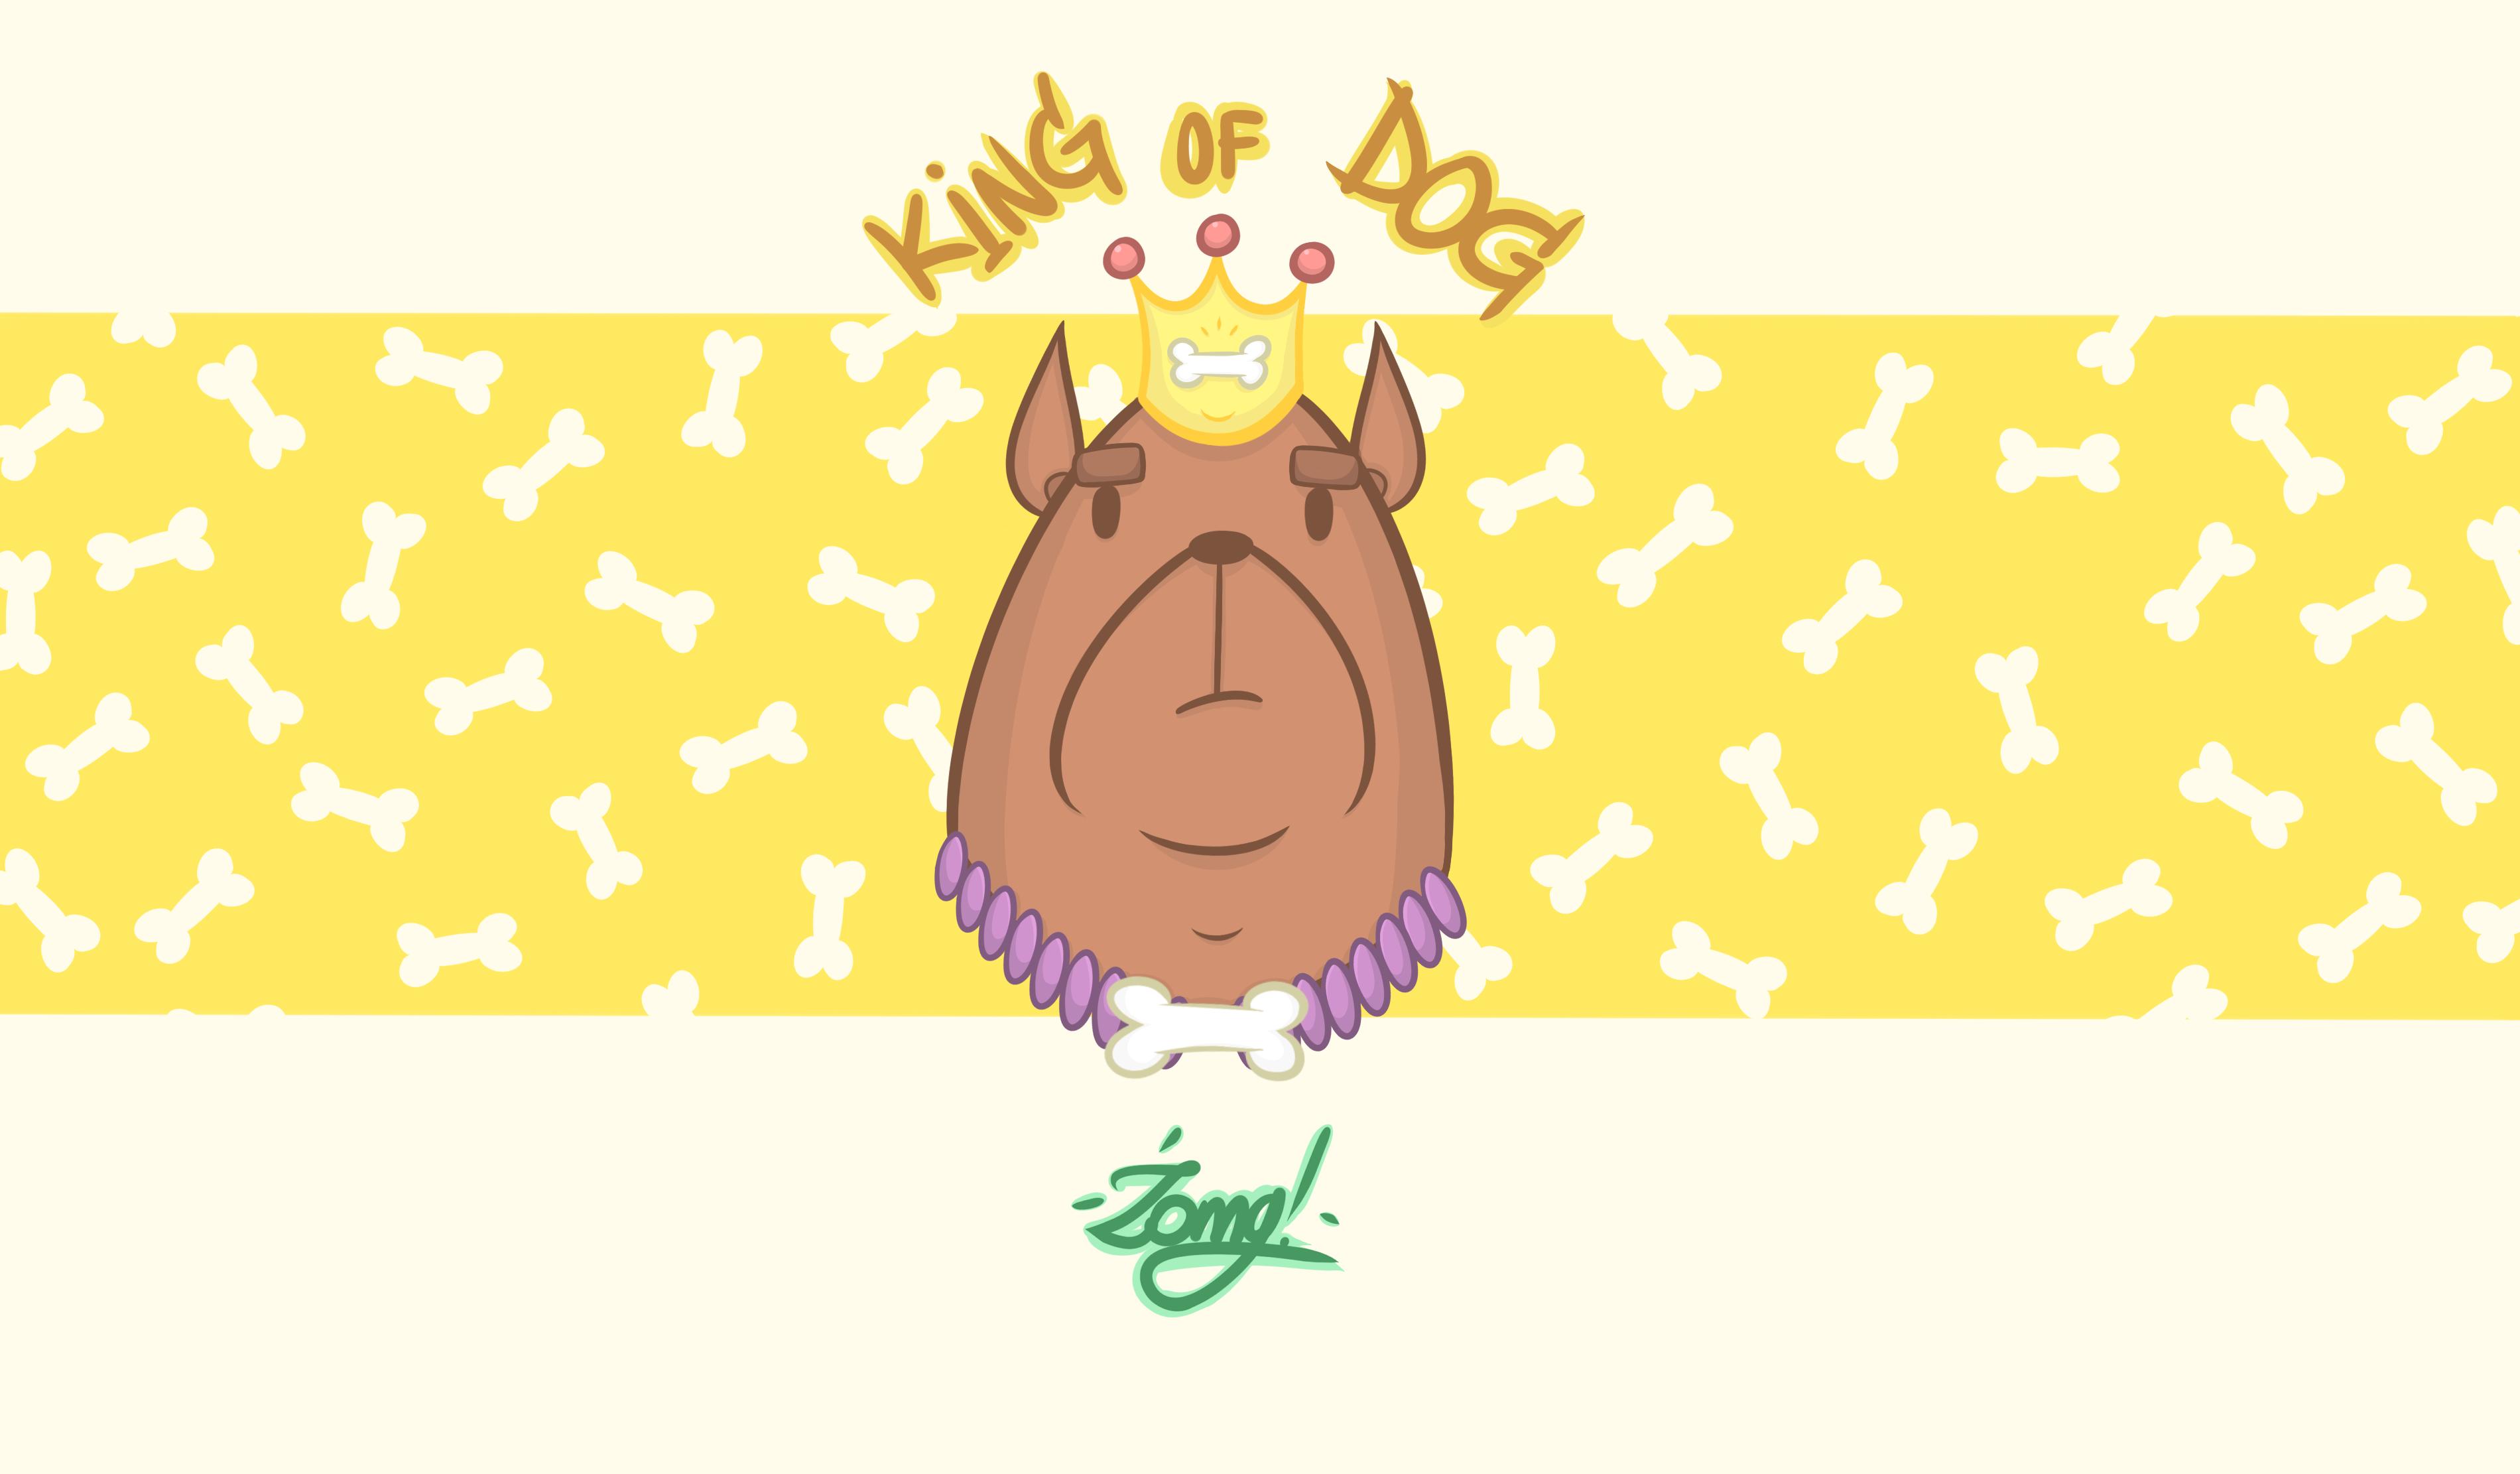 King Of Dog